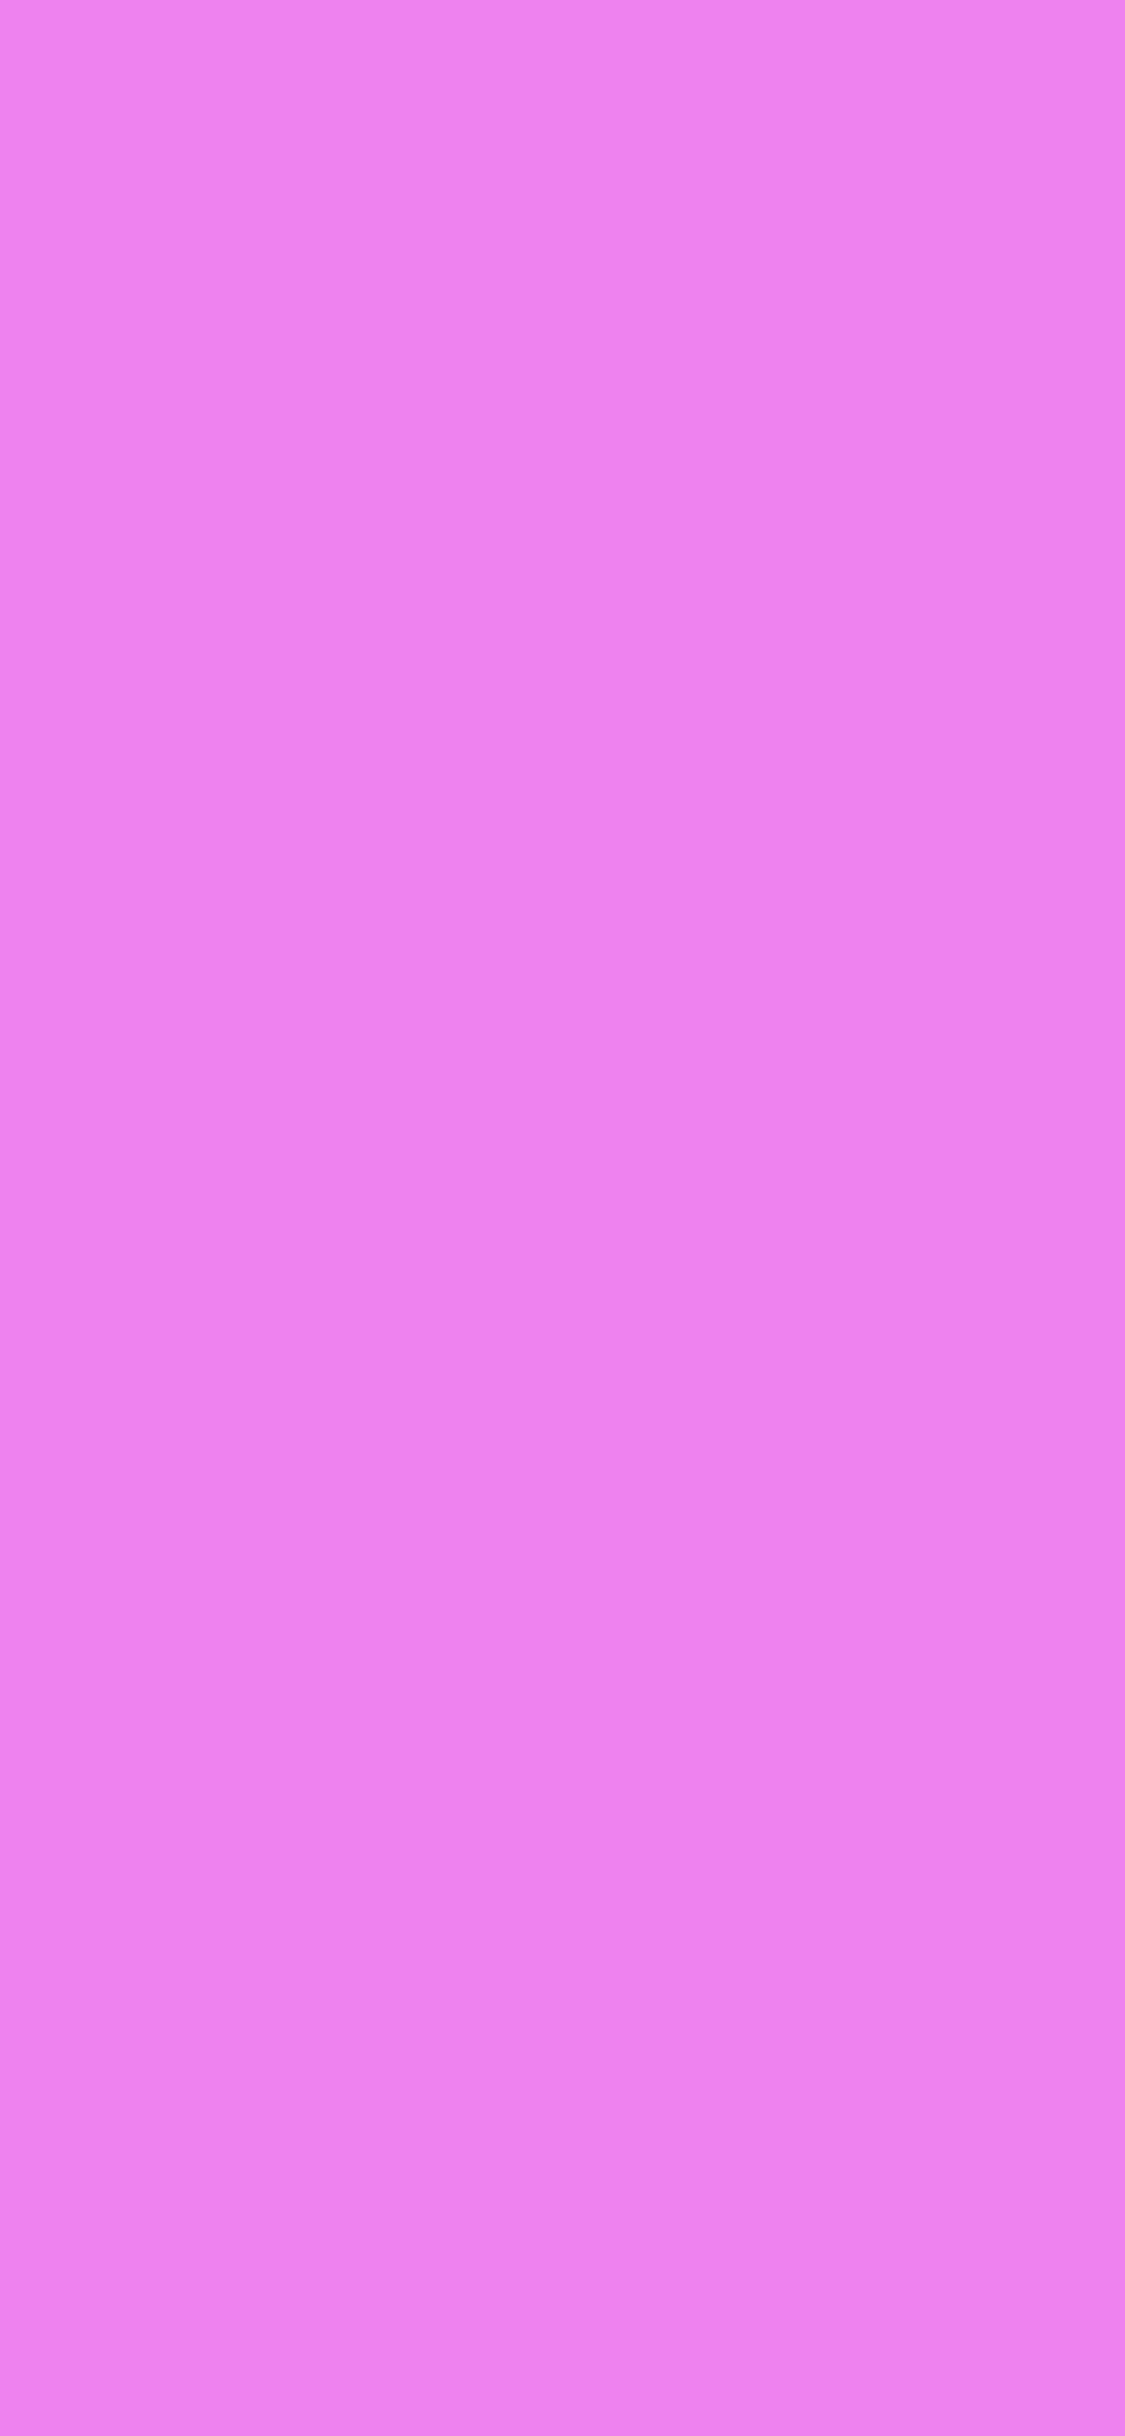 1125x2436 Lavender Magenta Solid Color Background